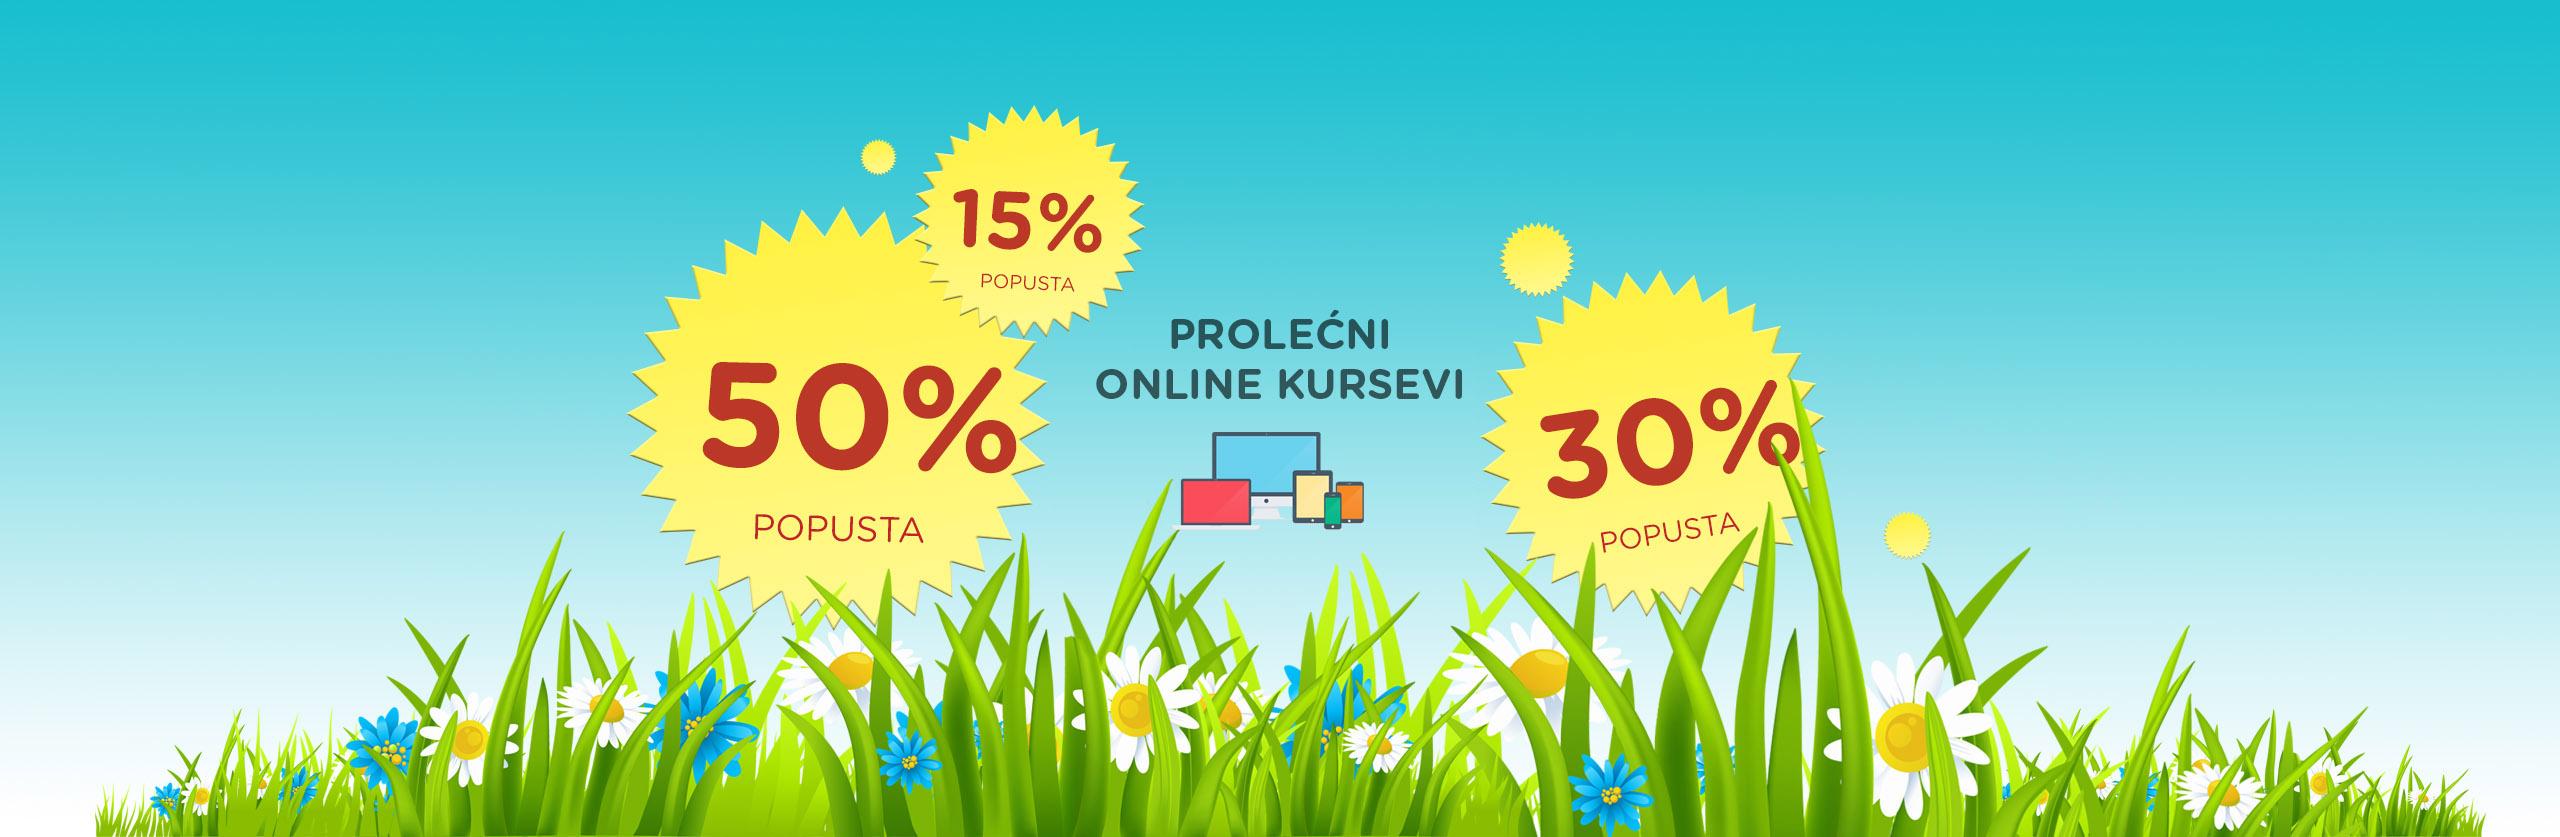 prolecni_upis_slider_online